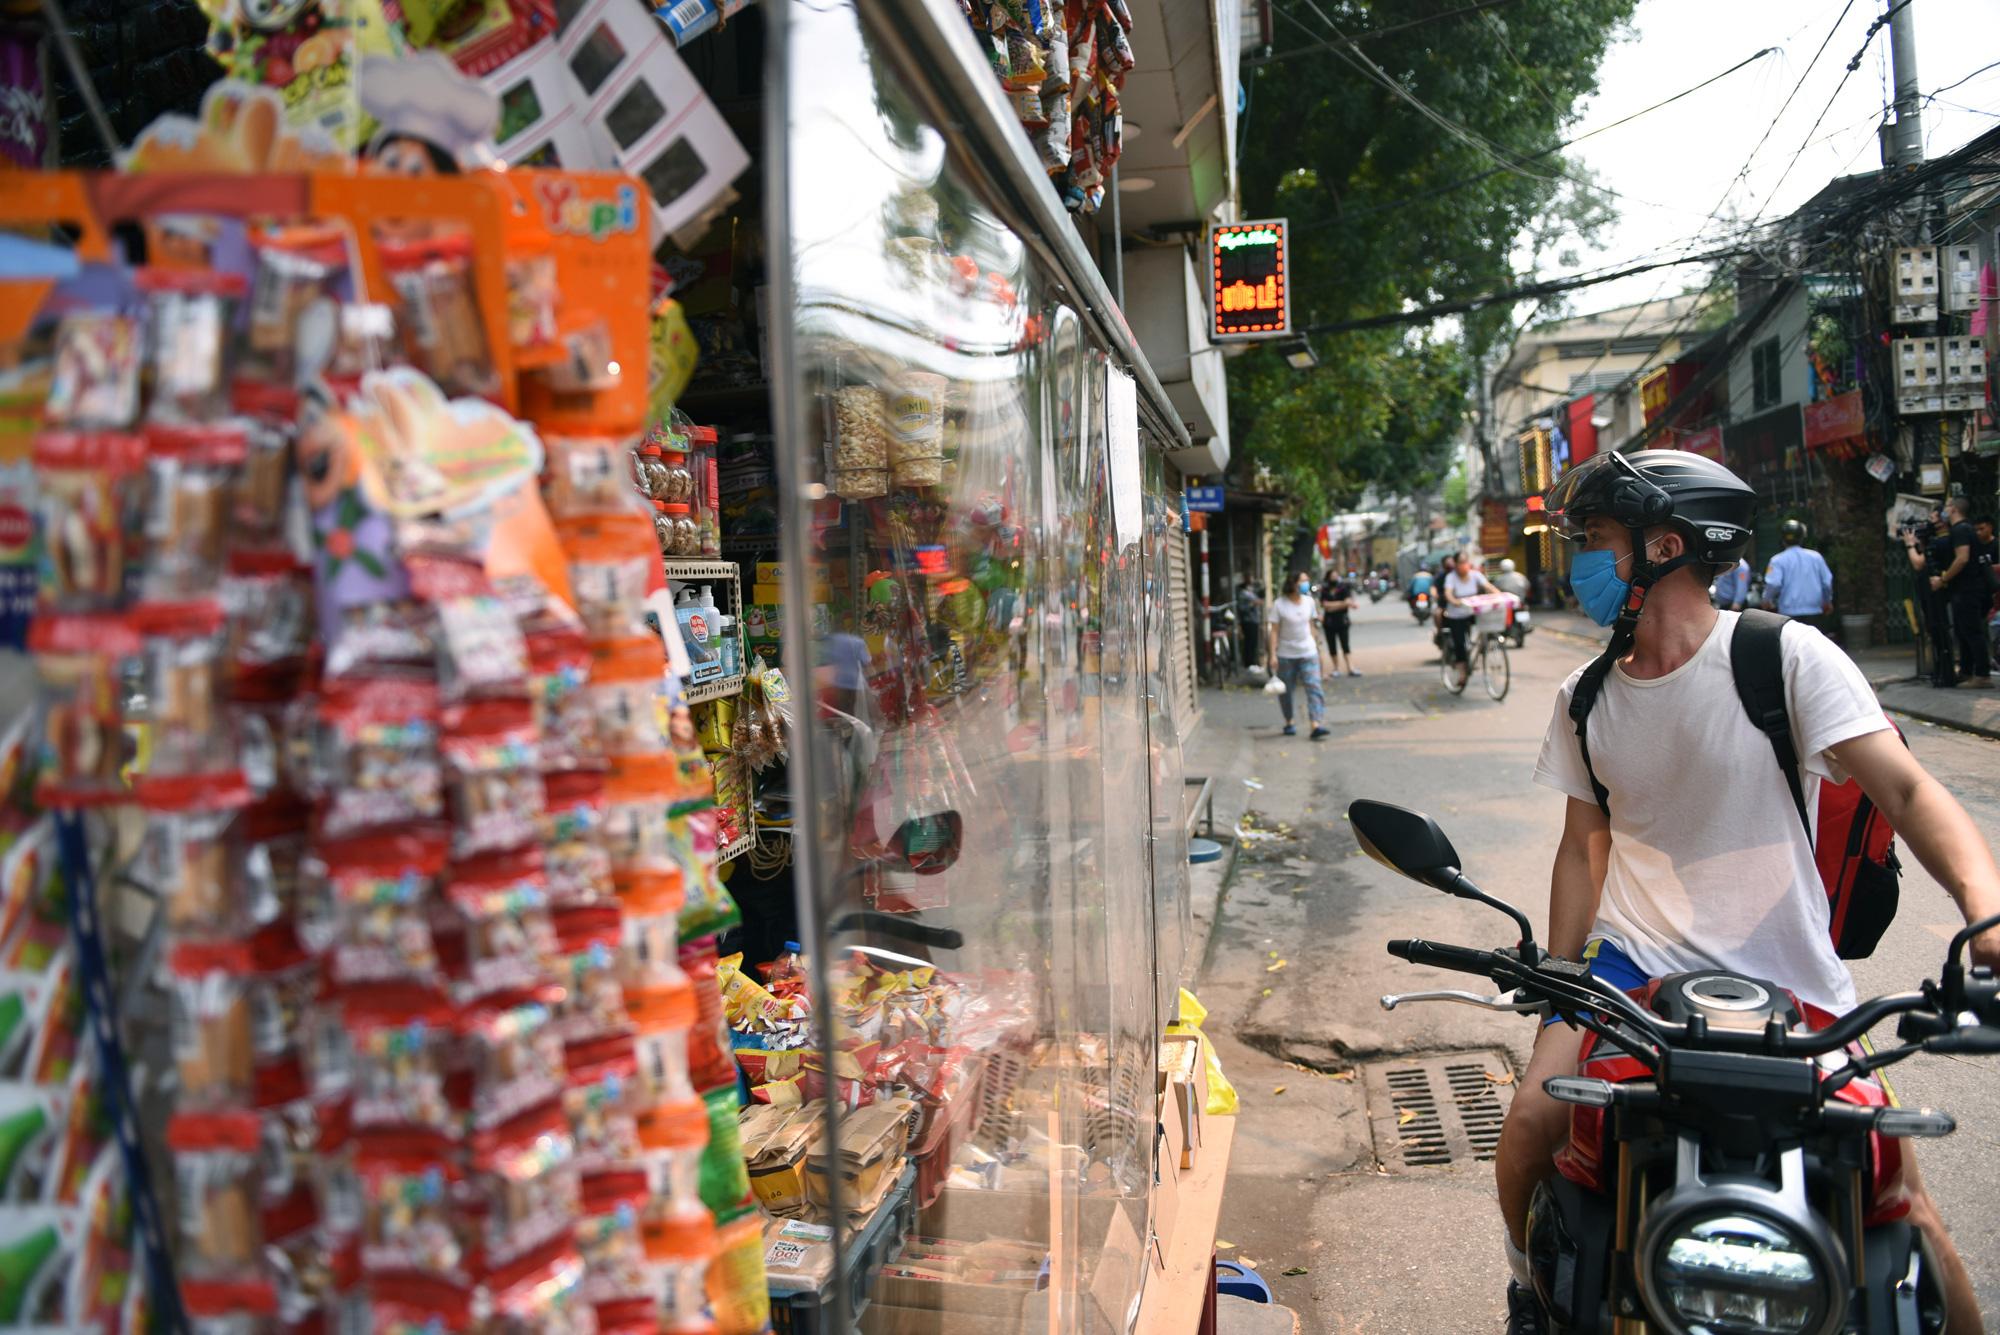 Quán tạp hóa ở Hà Nội làm 'lá chắn' phòng dịch Covid-19 - Ảnh 3.